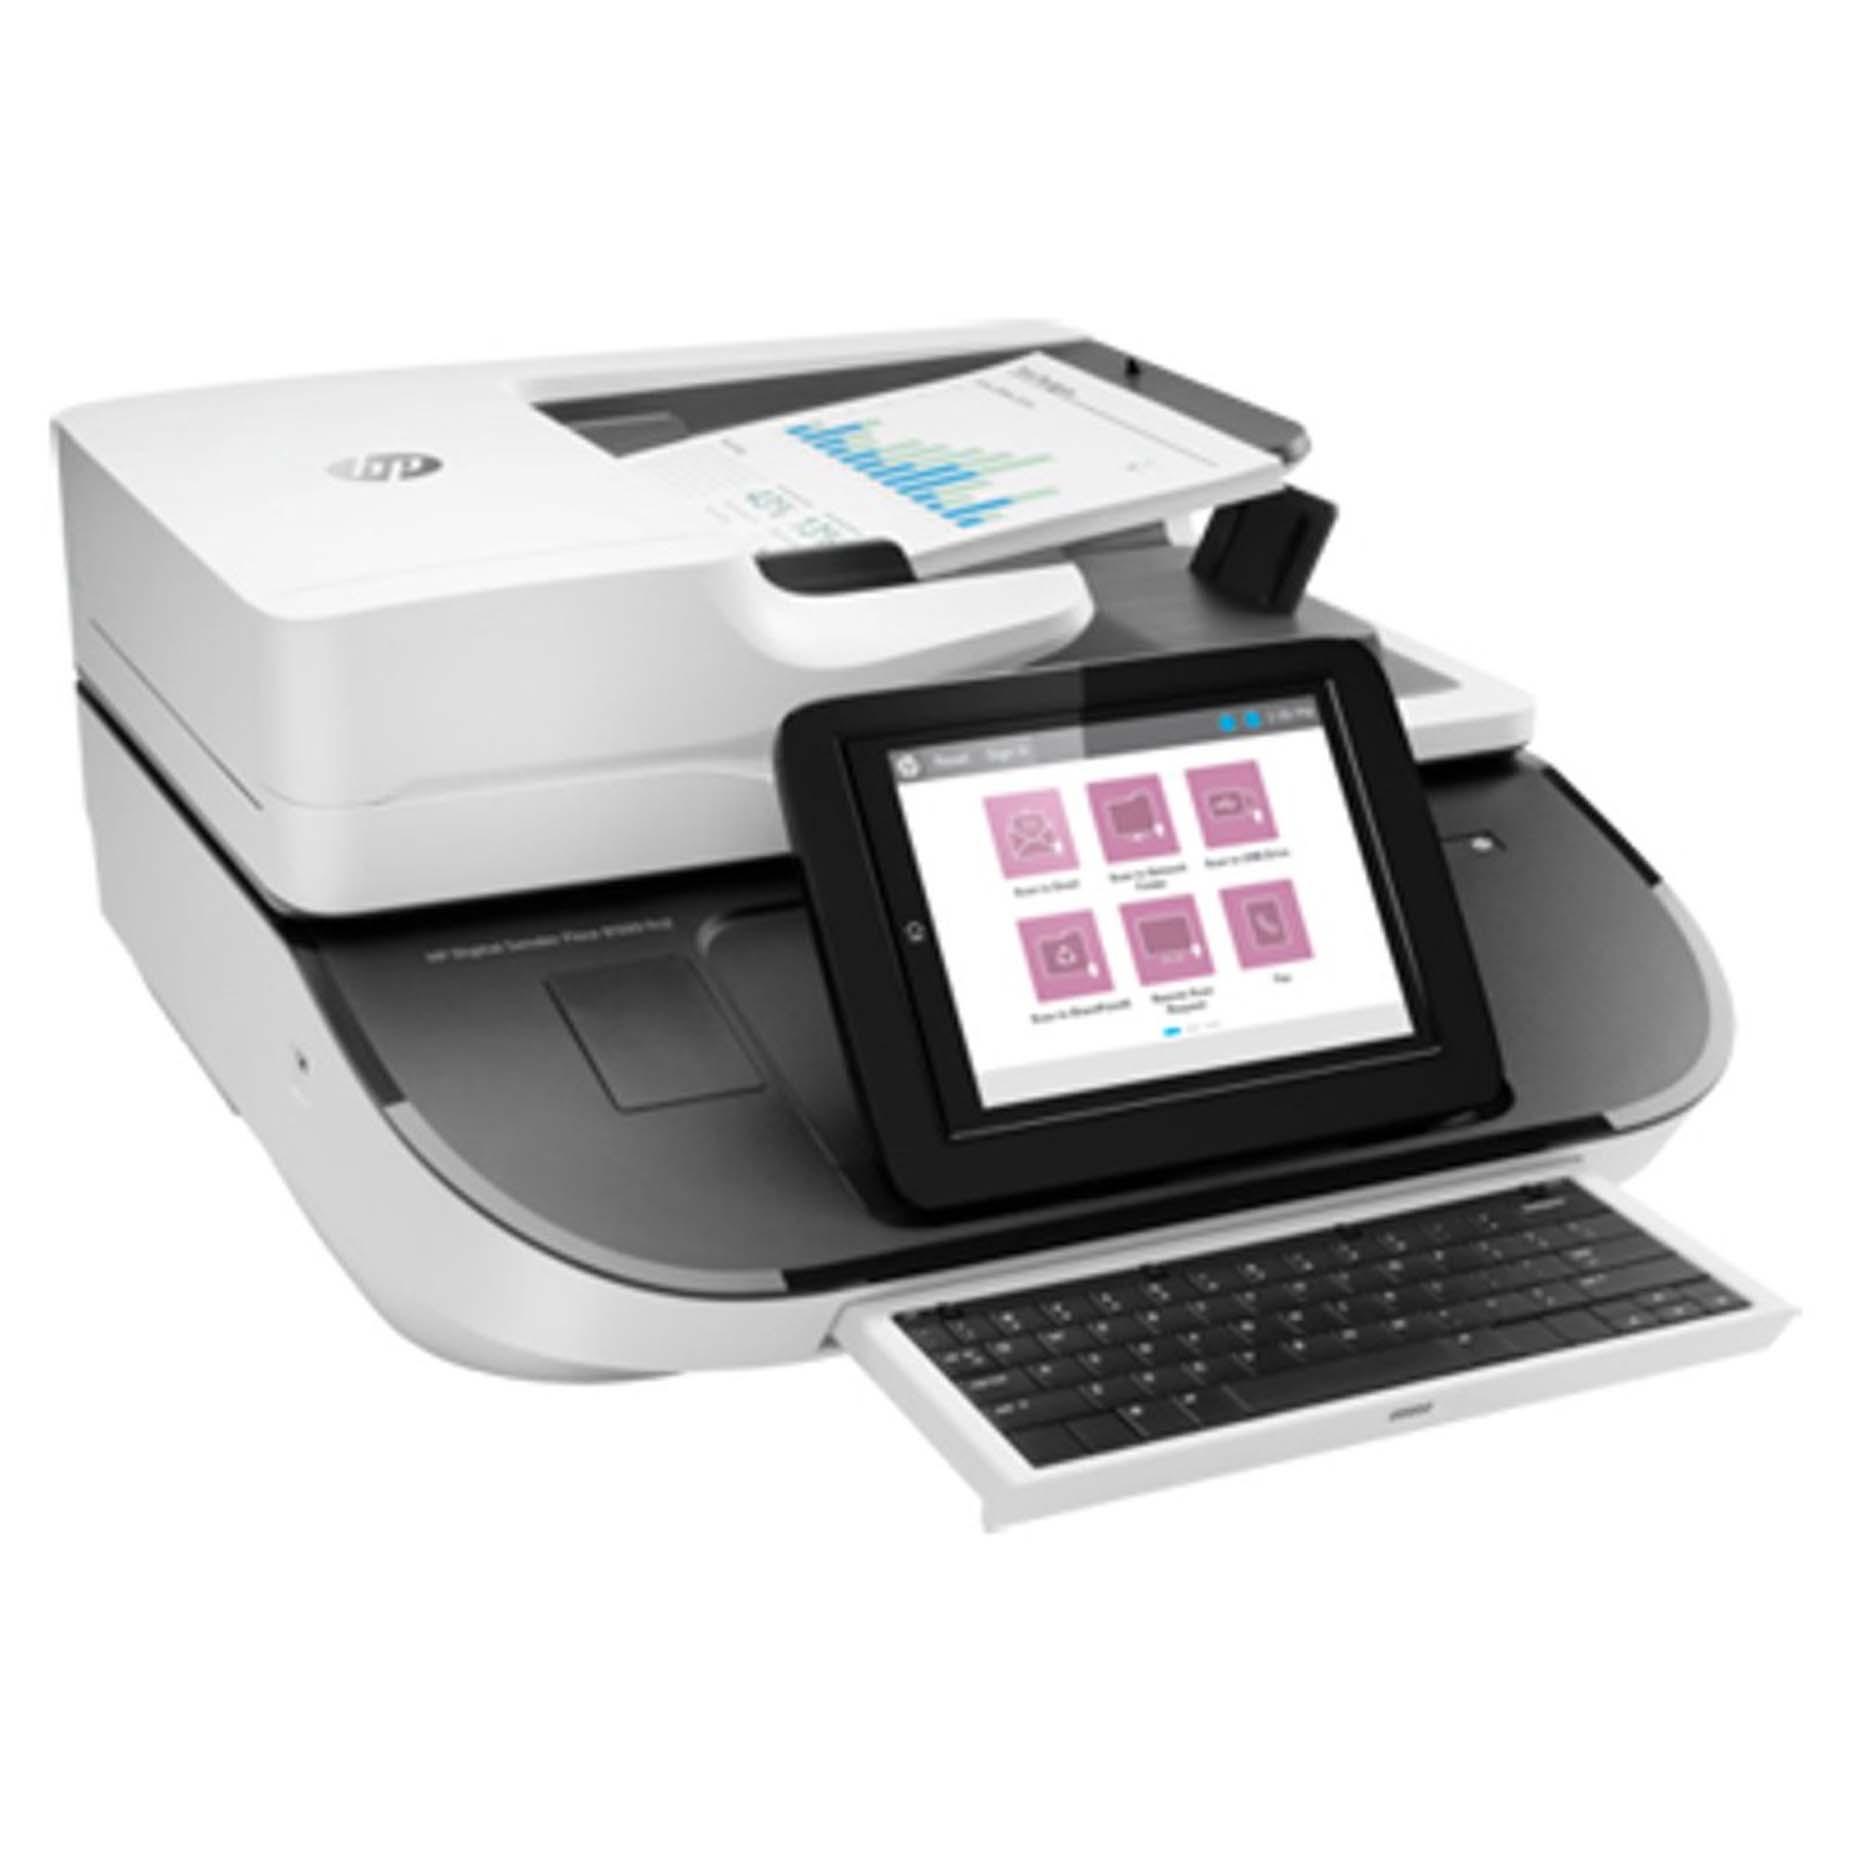 Harga Jual HP Digital Sender Flow 8500 fn2 Document Capture Workstation (L2762A)